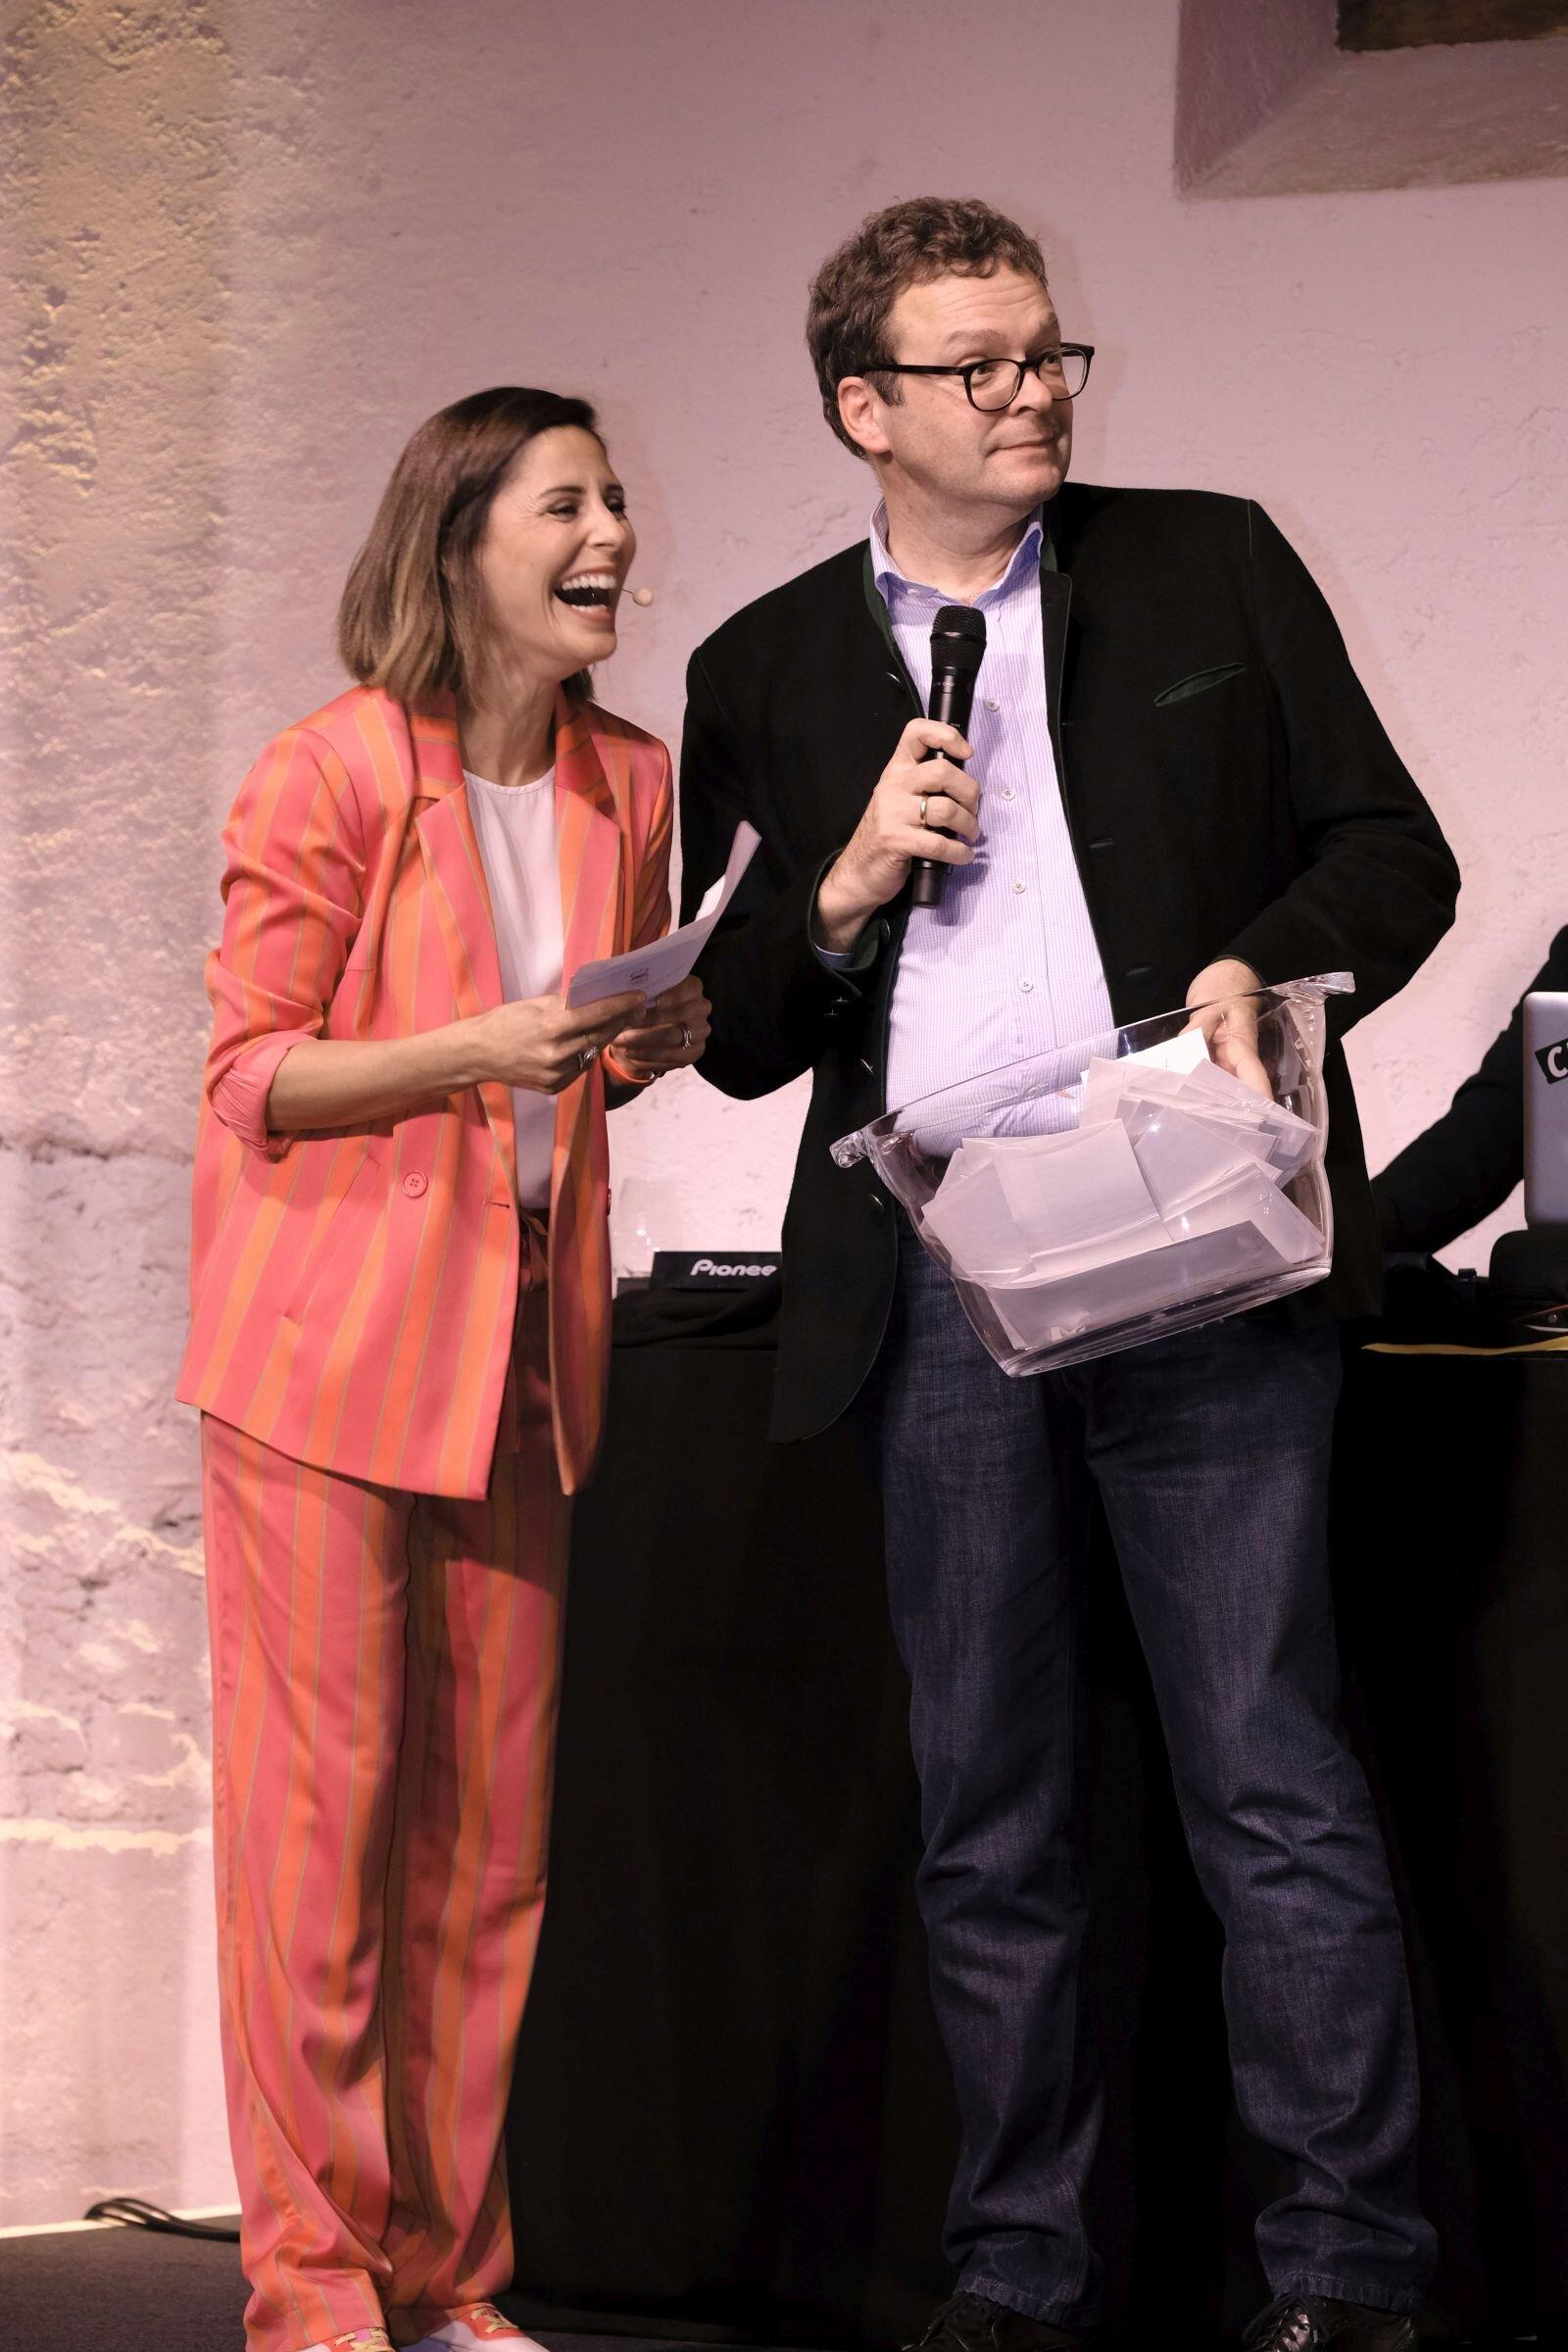 Funda Vanroy (Moderatorin und Schauspielerin), Marcus Vitt (Sprecher des Vorstands DONNER & REUSCHEL)